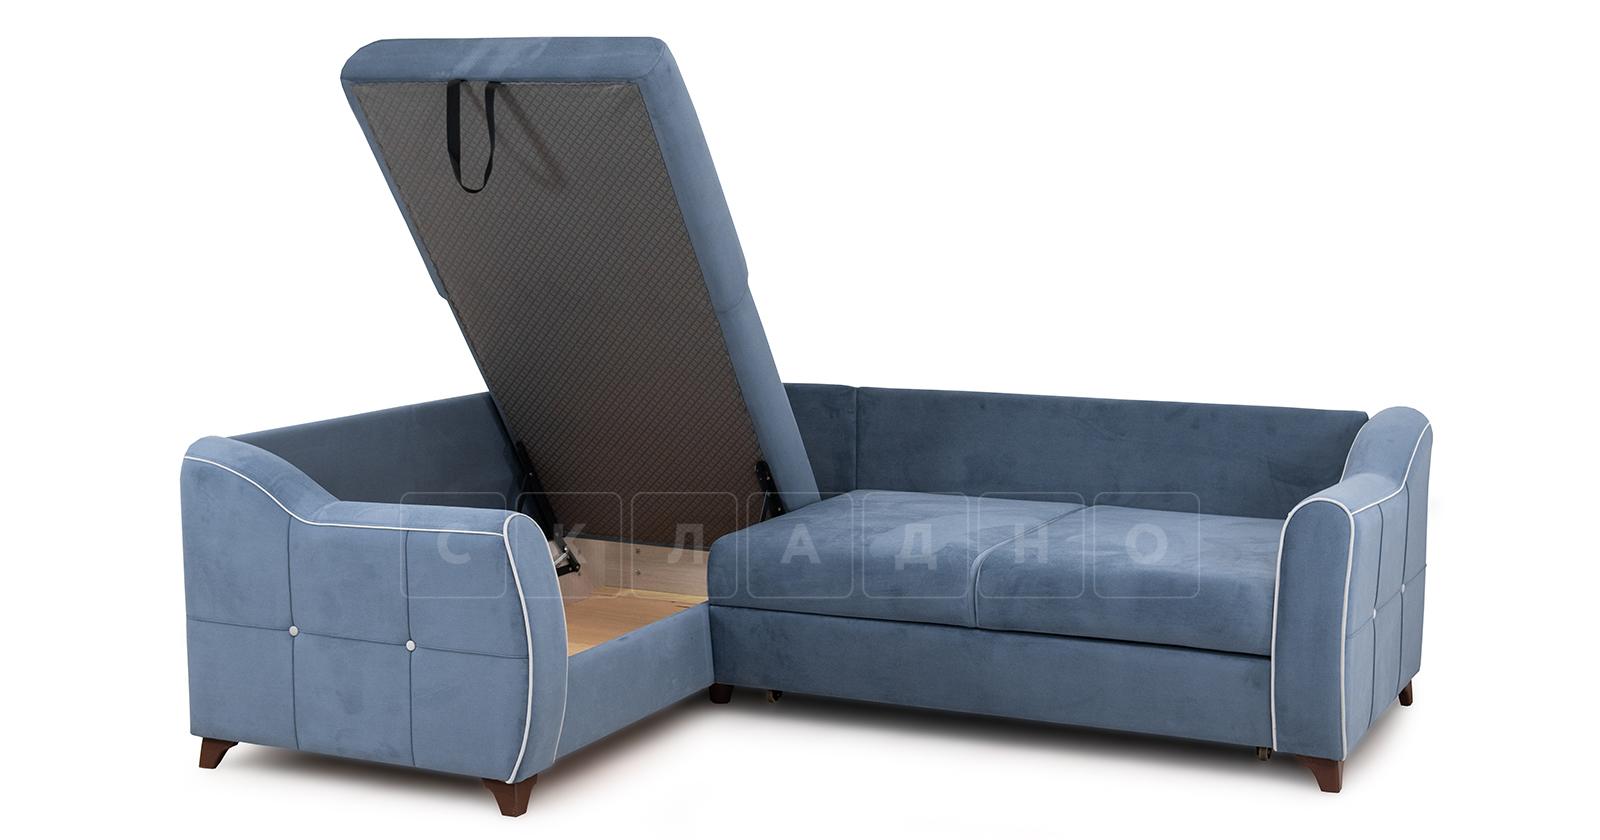 Диван-кровать угловой Флэтфорд серо-синий фото 5 | интернет-магазин Складно